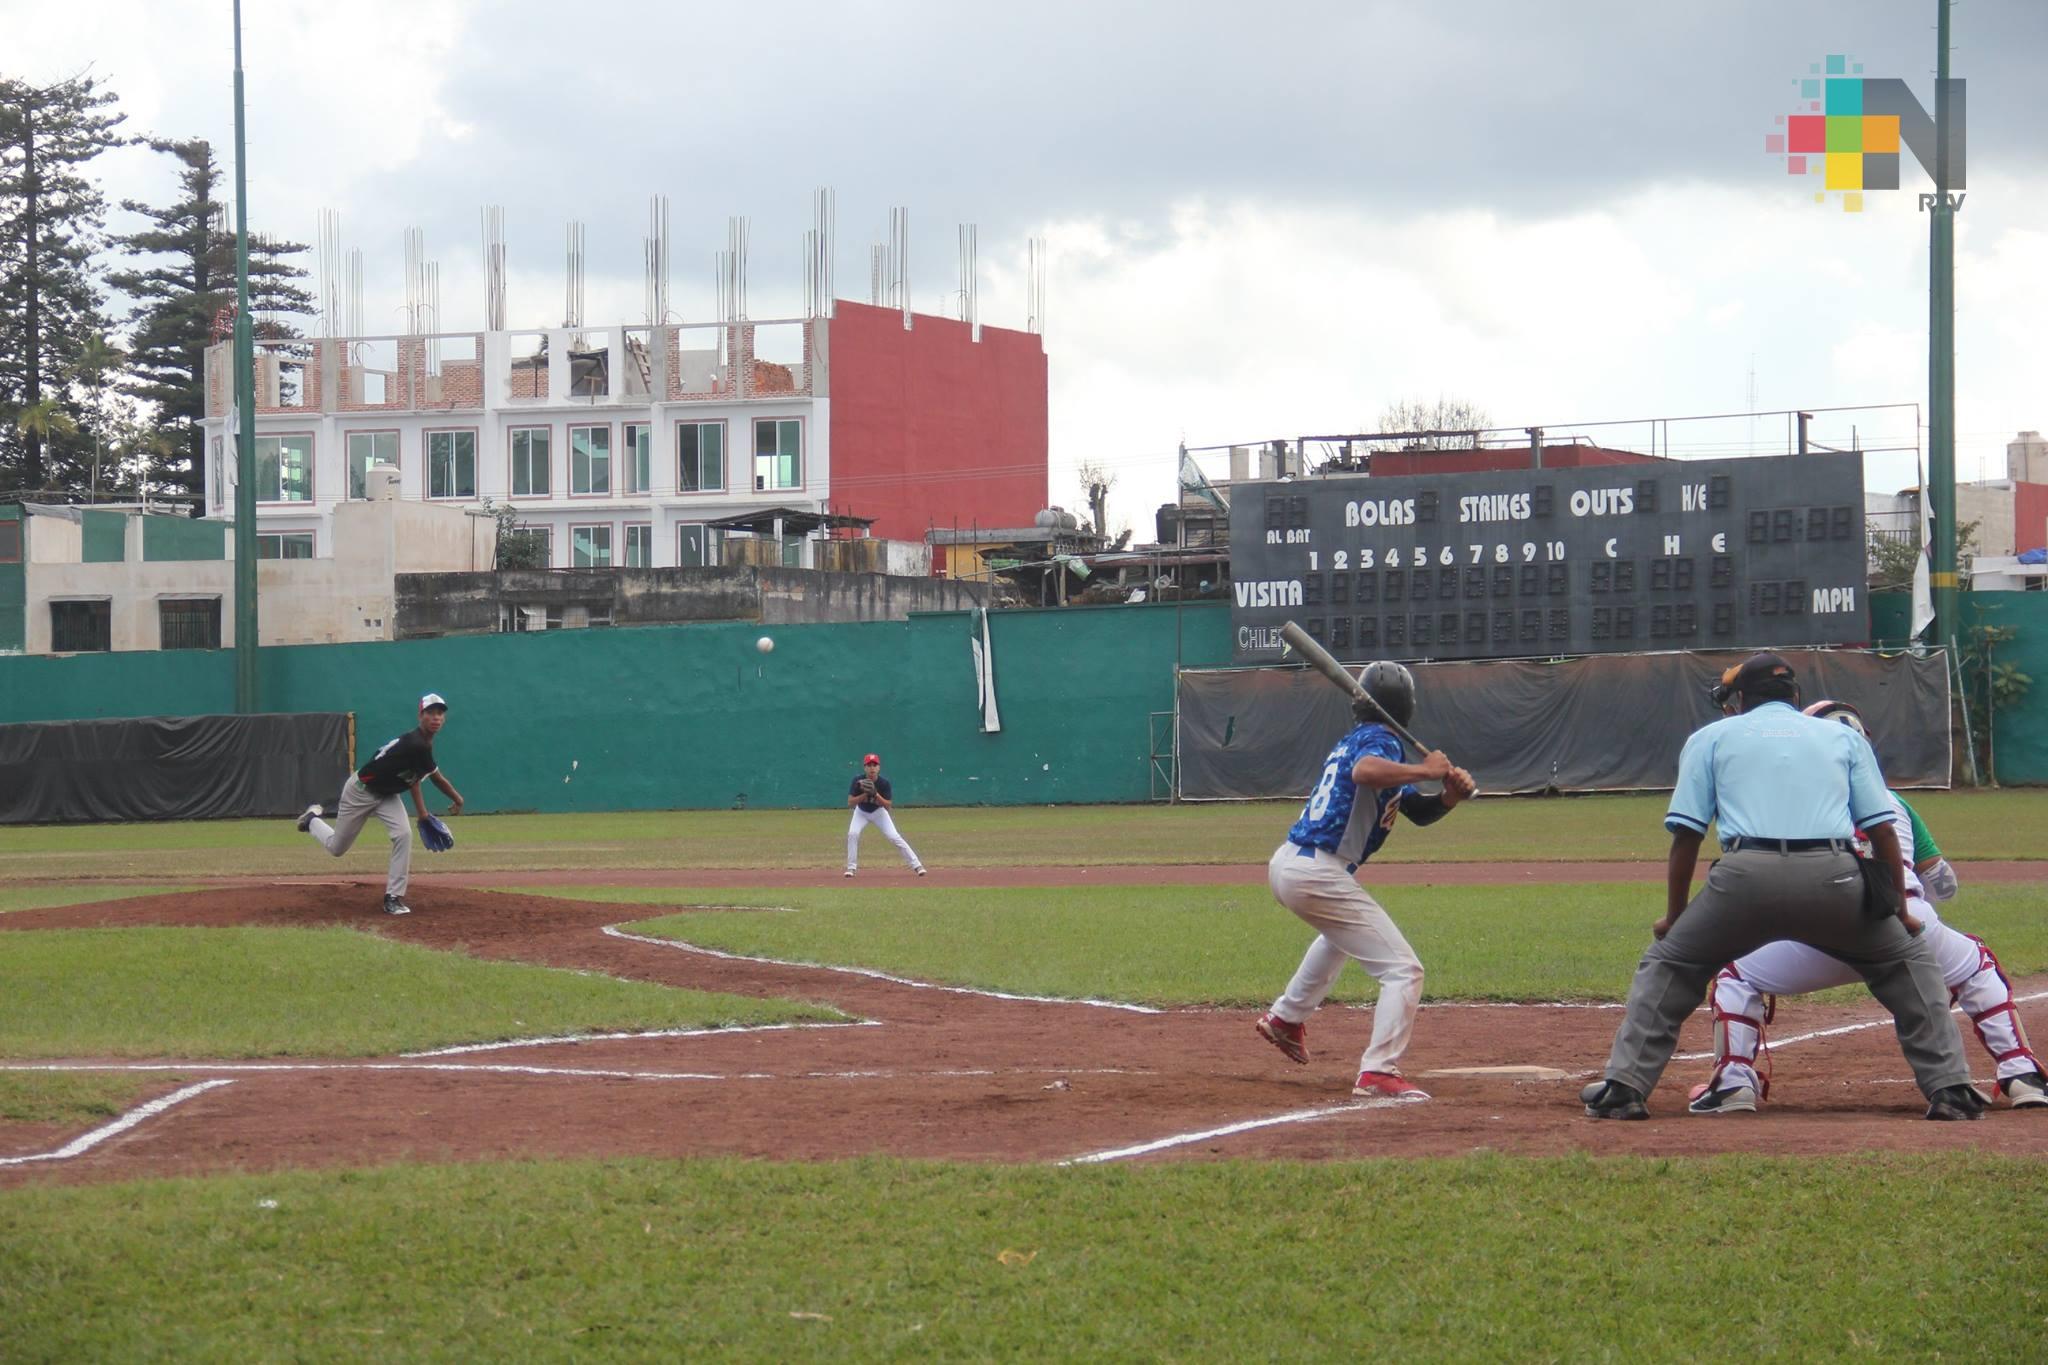 Eliminatoria estatal de Beisbol, como parte del Torneo Nacional antorchista